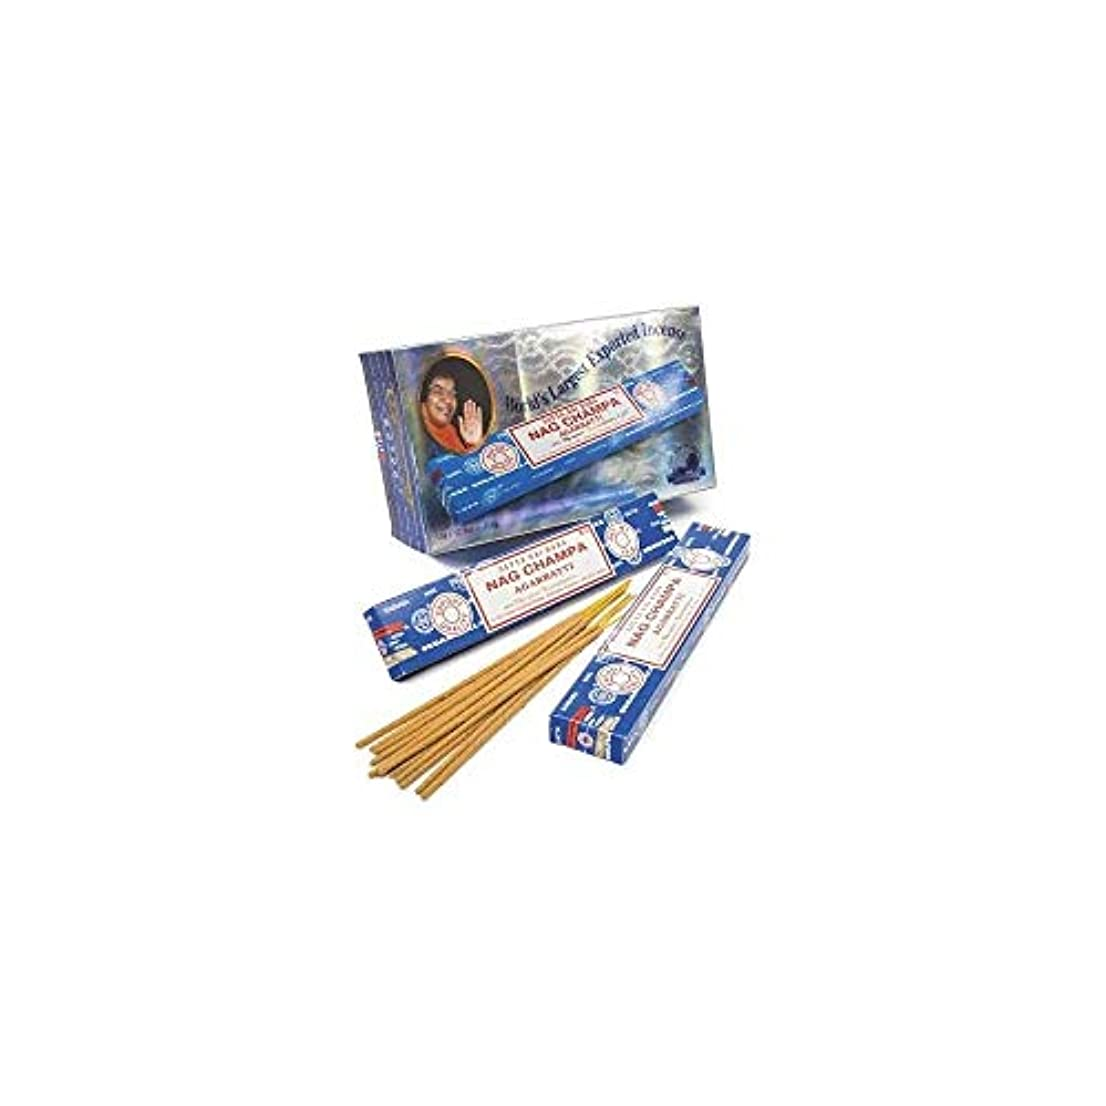 秋批判アトラスBox Of 12 Packs Of 15g Nag Champa Incense Sticks By Satya